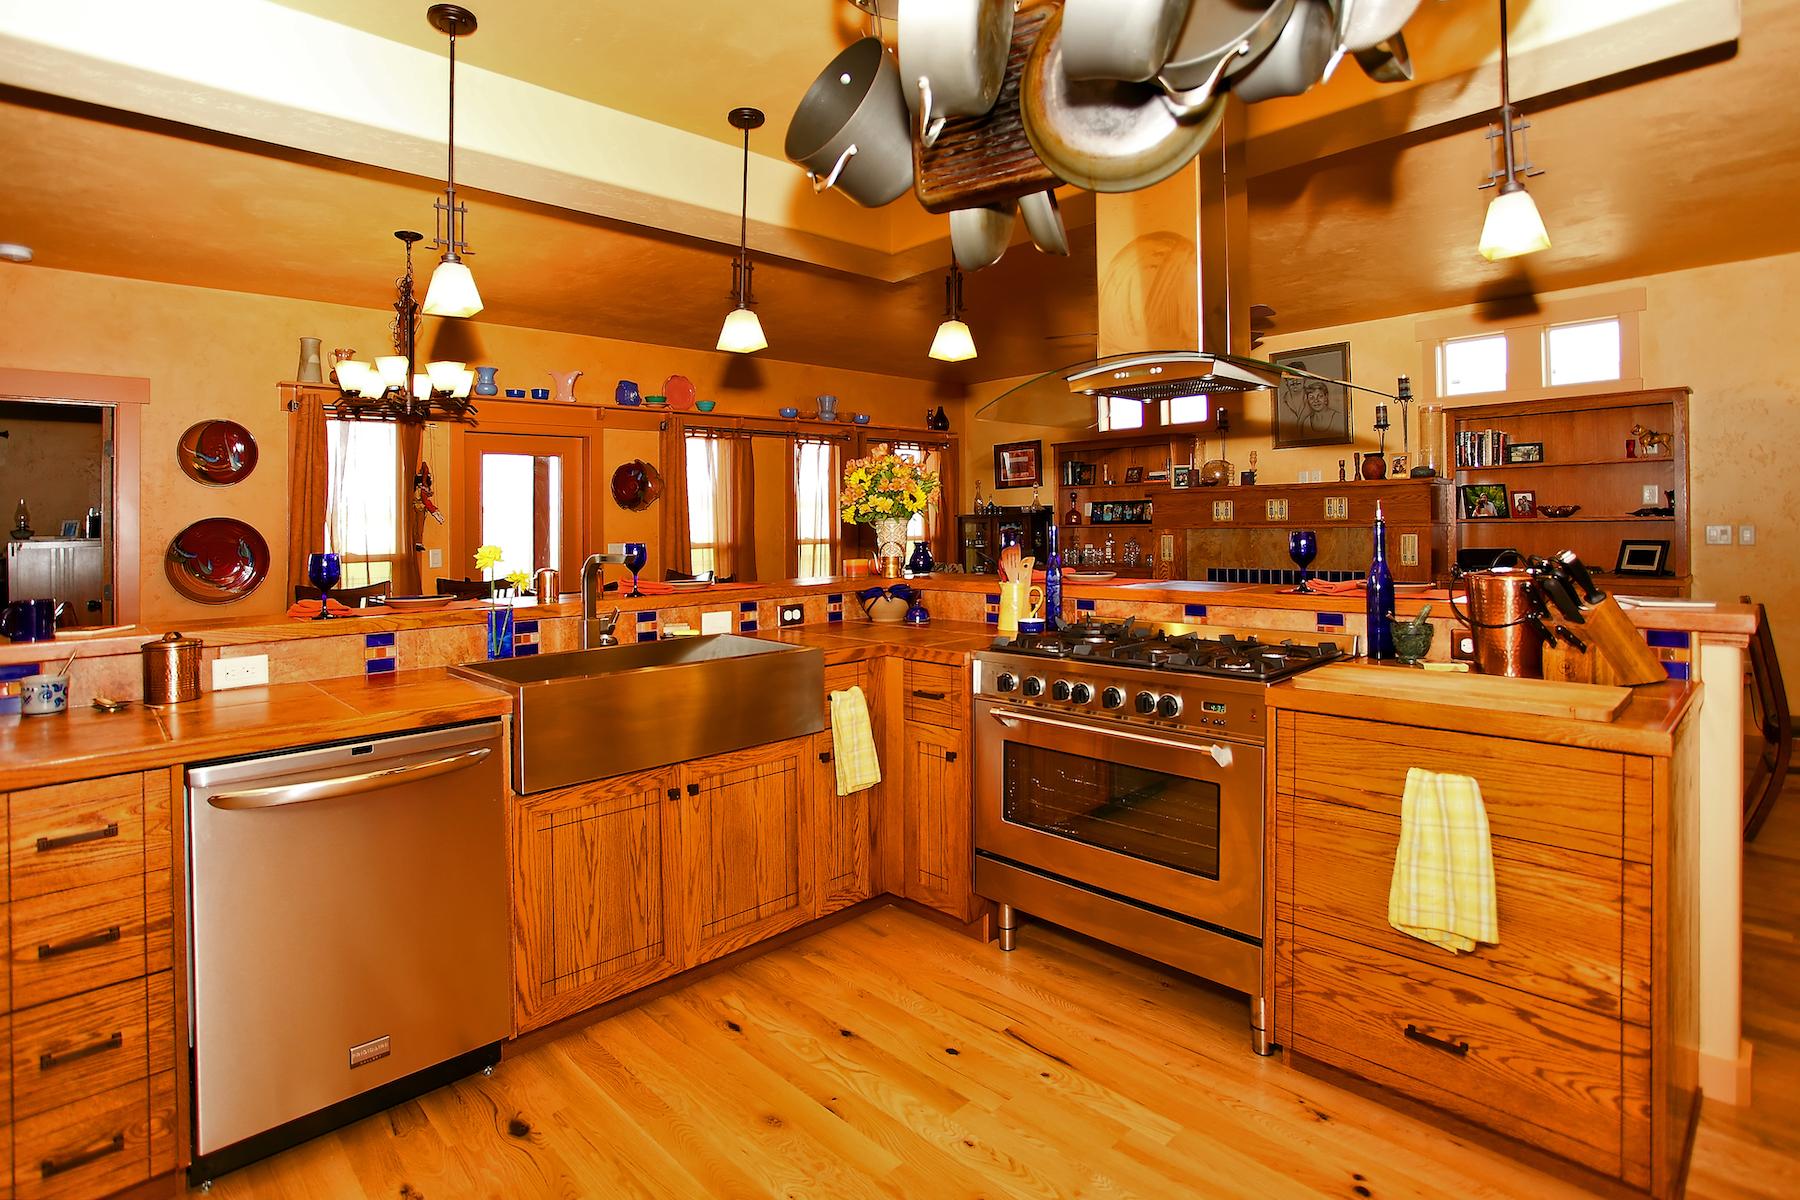 Flynner-Homes-Brownstone00012.jpg